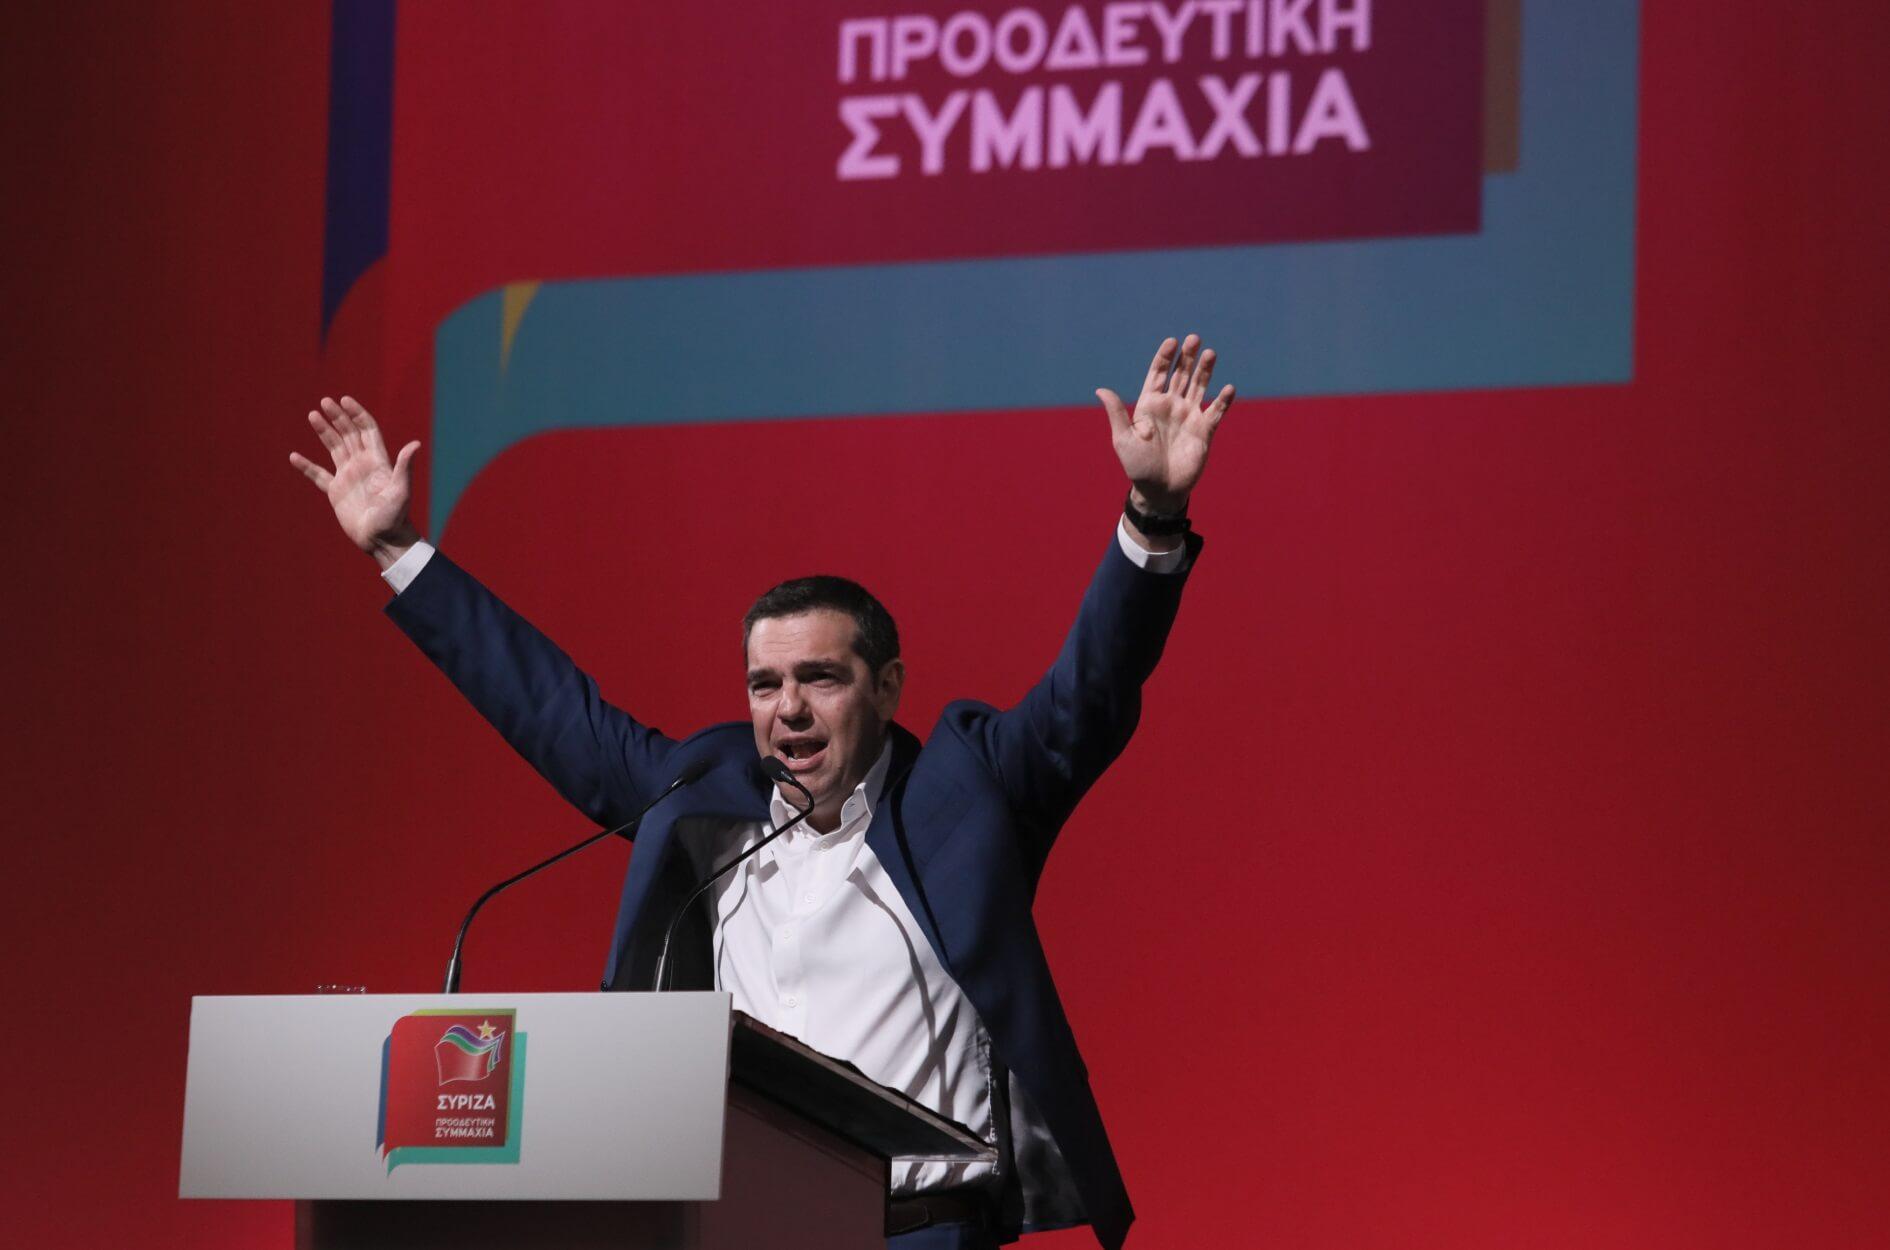 Τσίπρας – Γαλάτσι: Με την προοδευτική παράταξη για την αναγέννηση της πατρίδας μας!